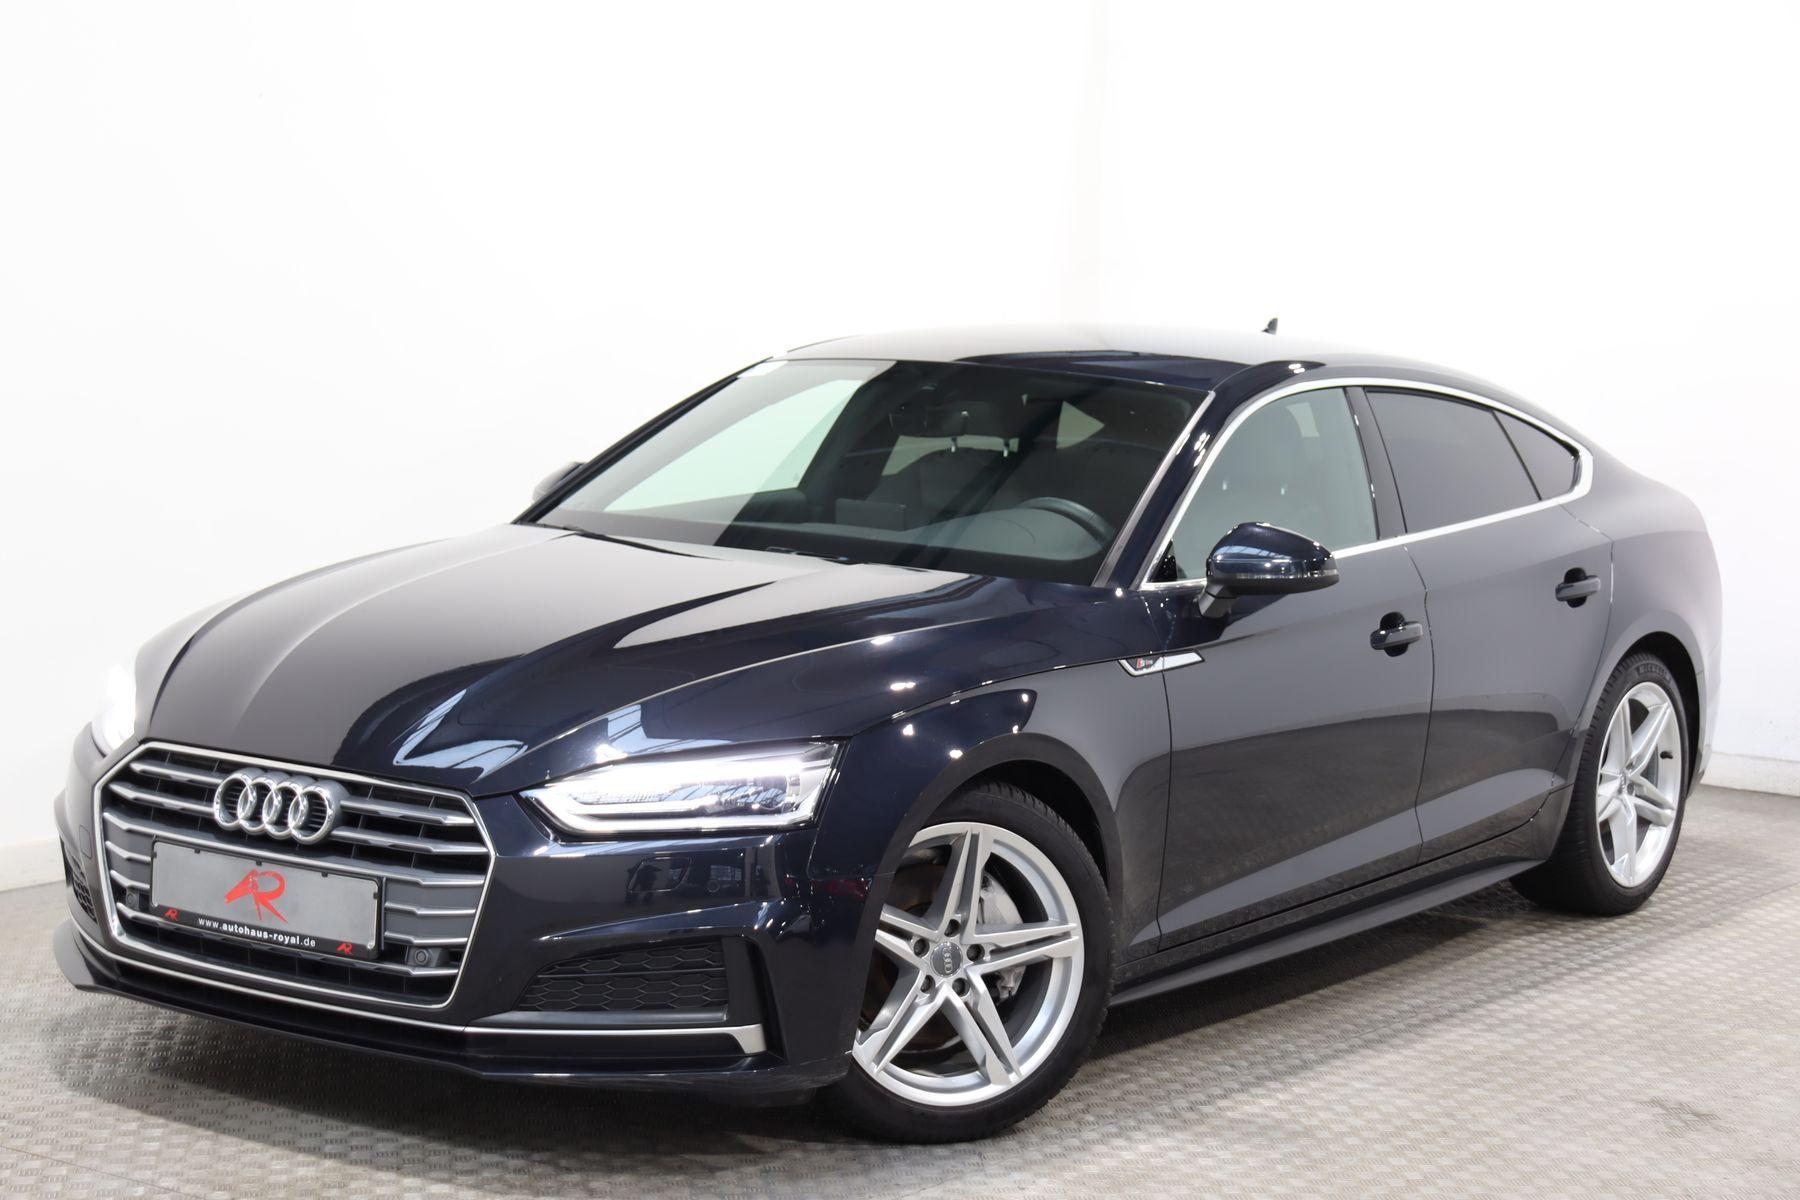 Audi A5 SB 2.0 TDI 3x S LINE SPORT KEYLESS,KAMERA,AHK, Jahr 2018, Diesel